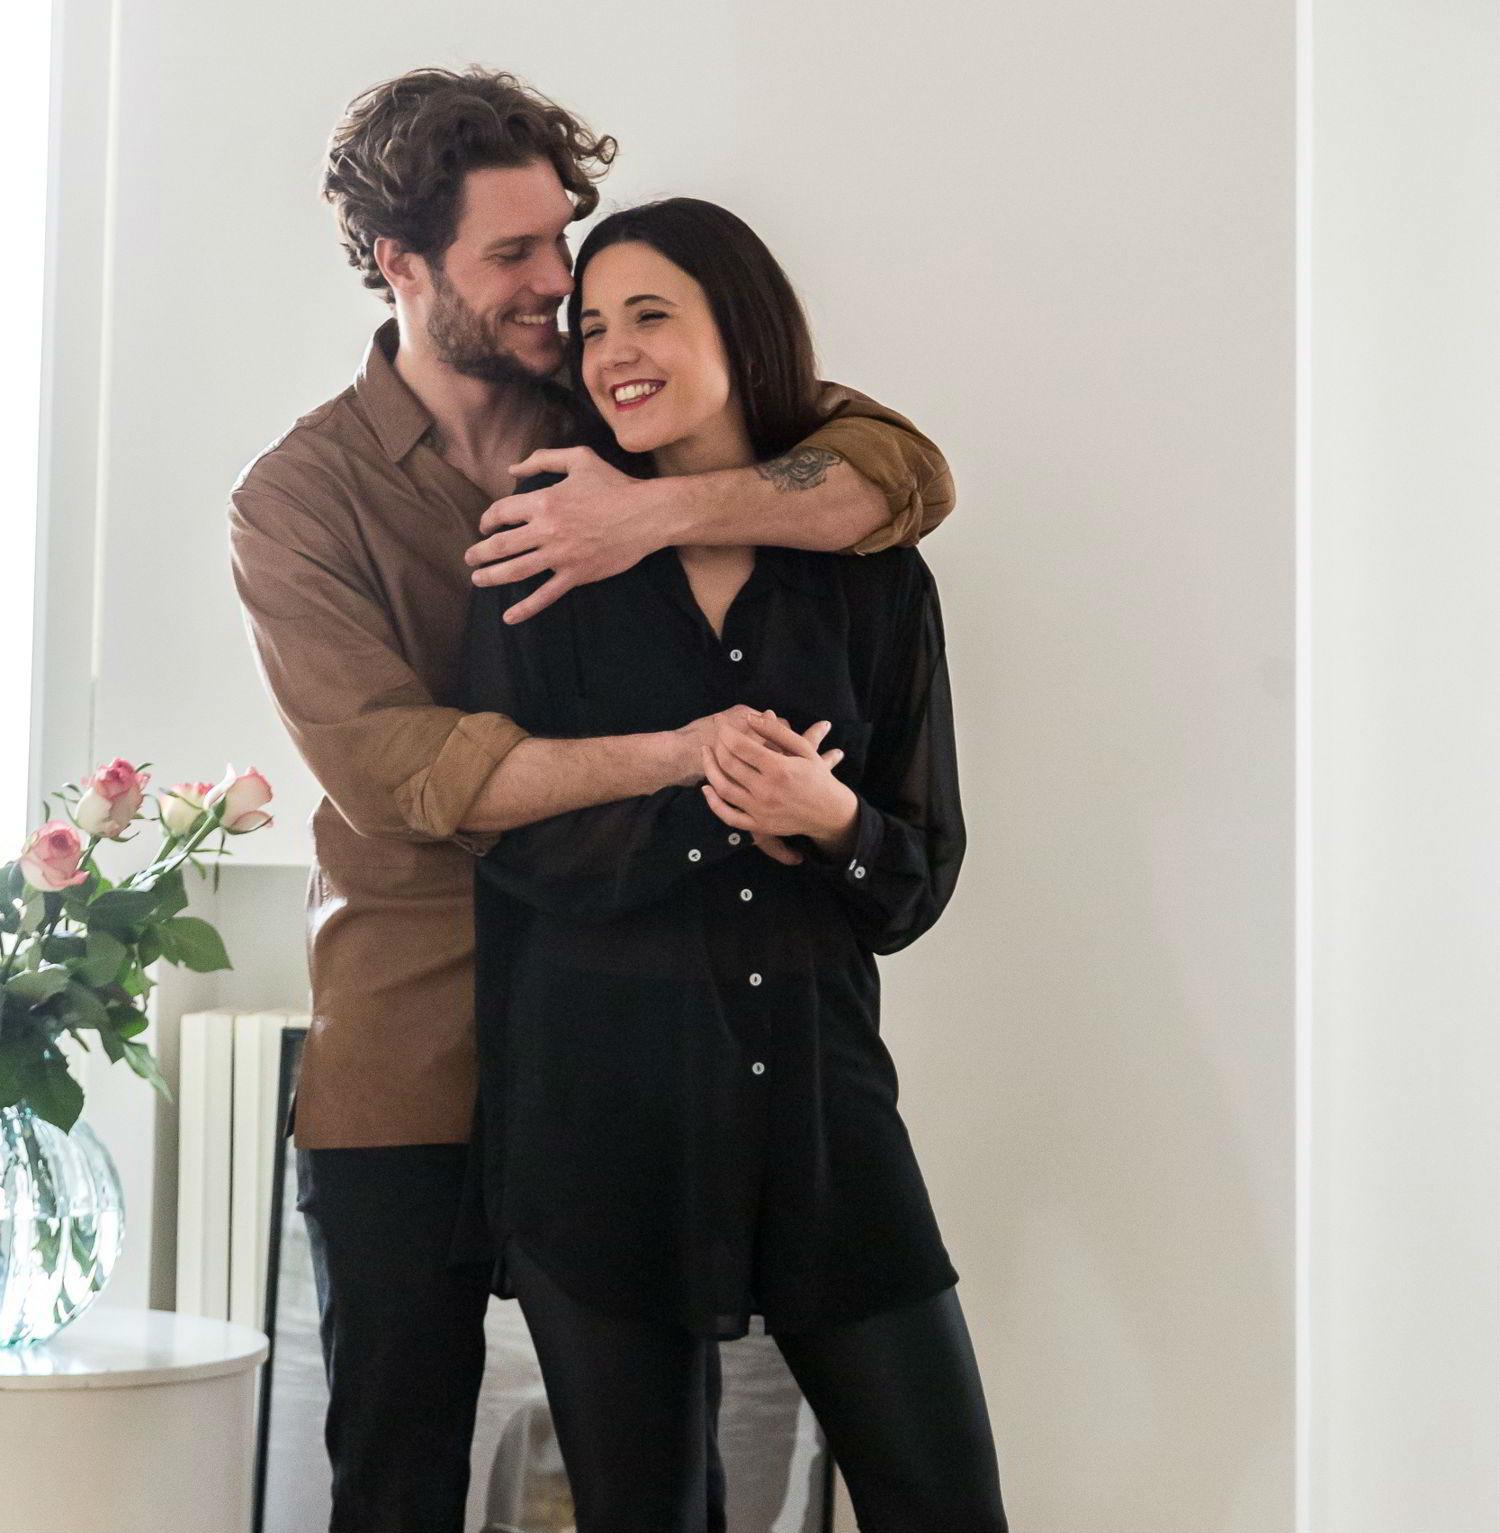 Dalani, Elbio Bonsaglio, Milano, Progetto, Moda, Passione, Casa, Design